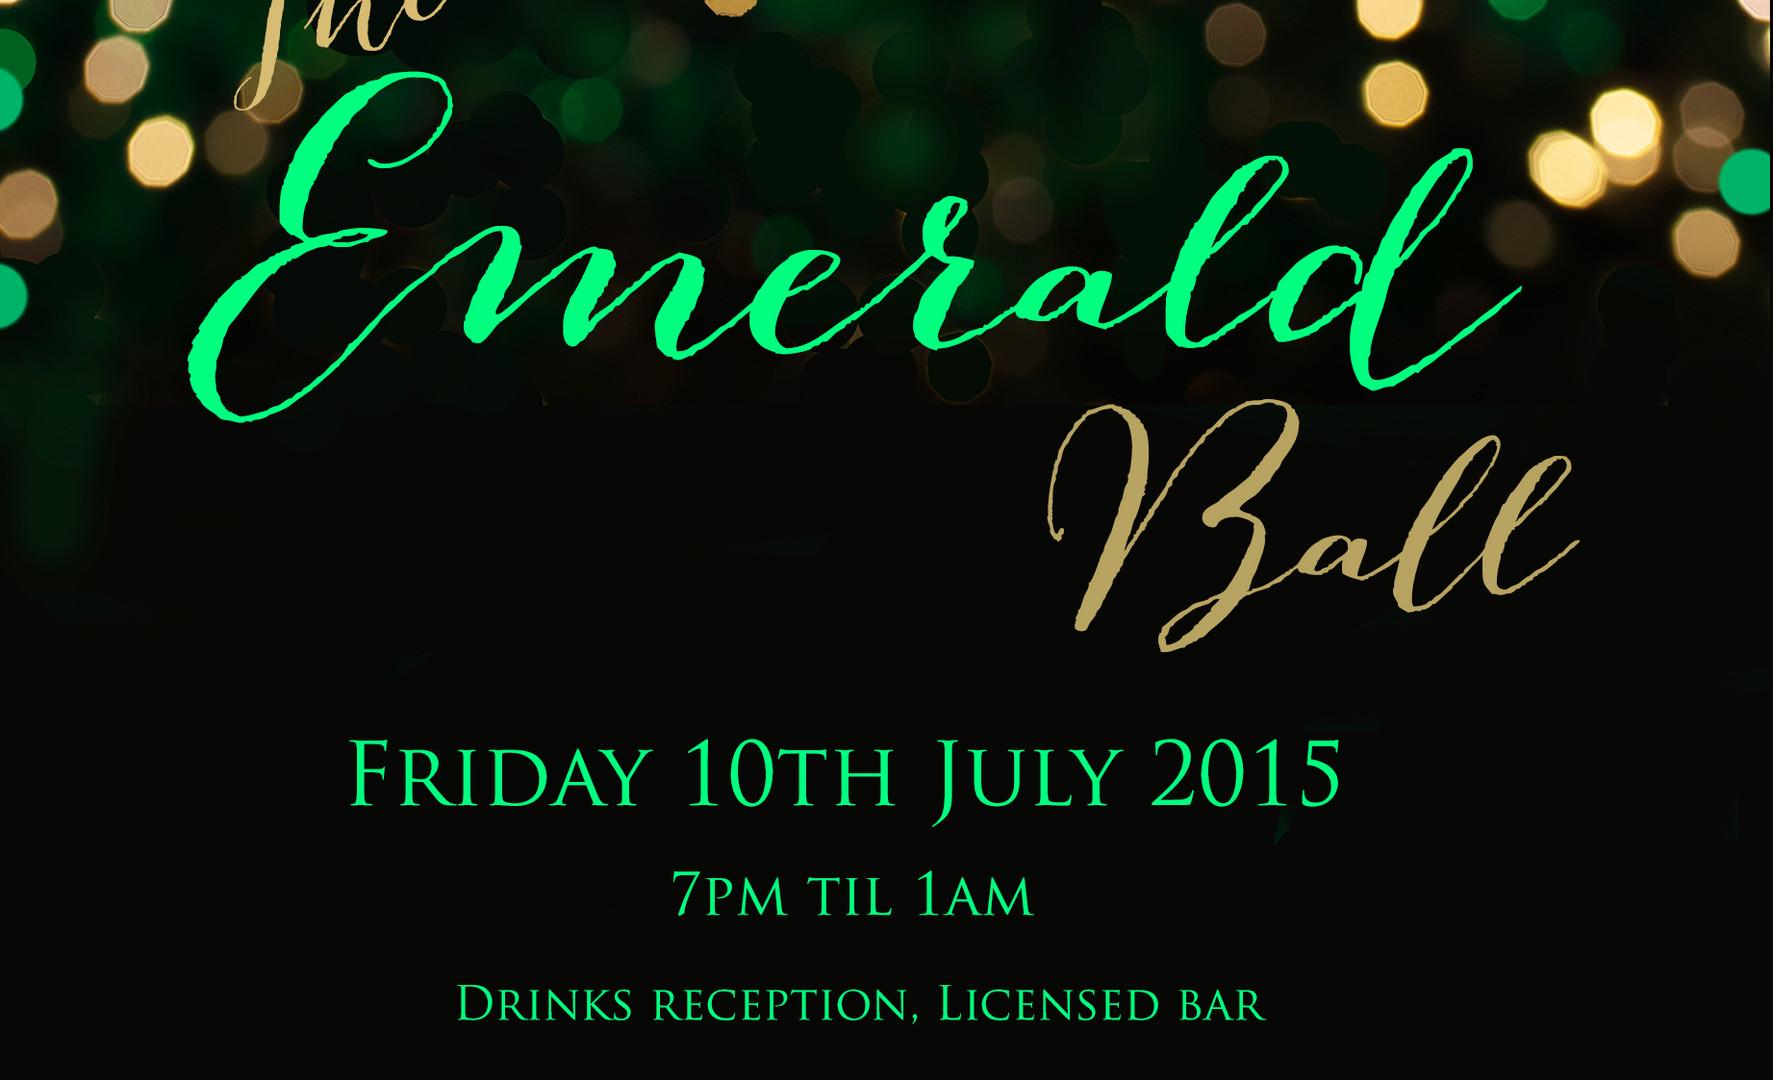 EMERALD_BALL_invite_15x21.jpg